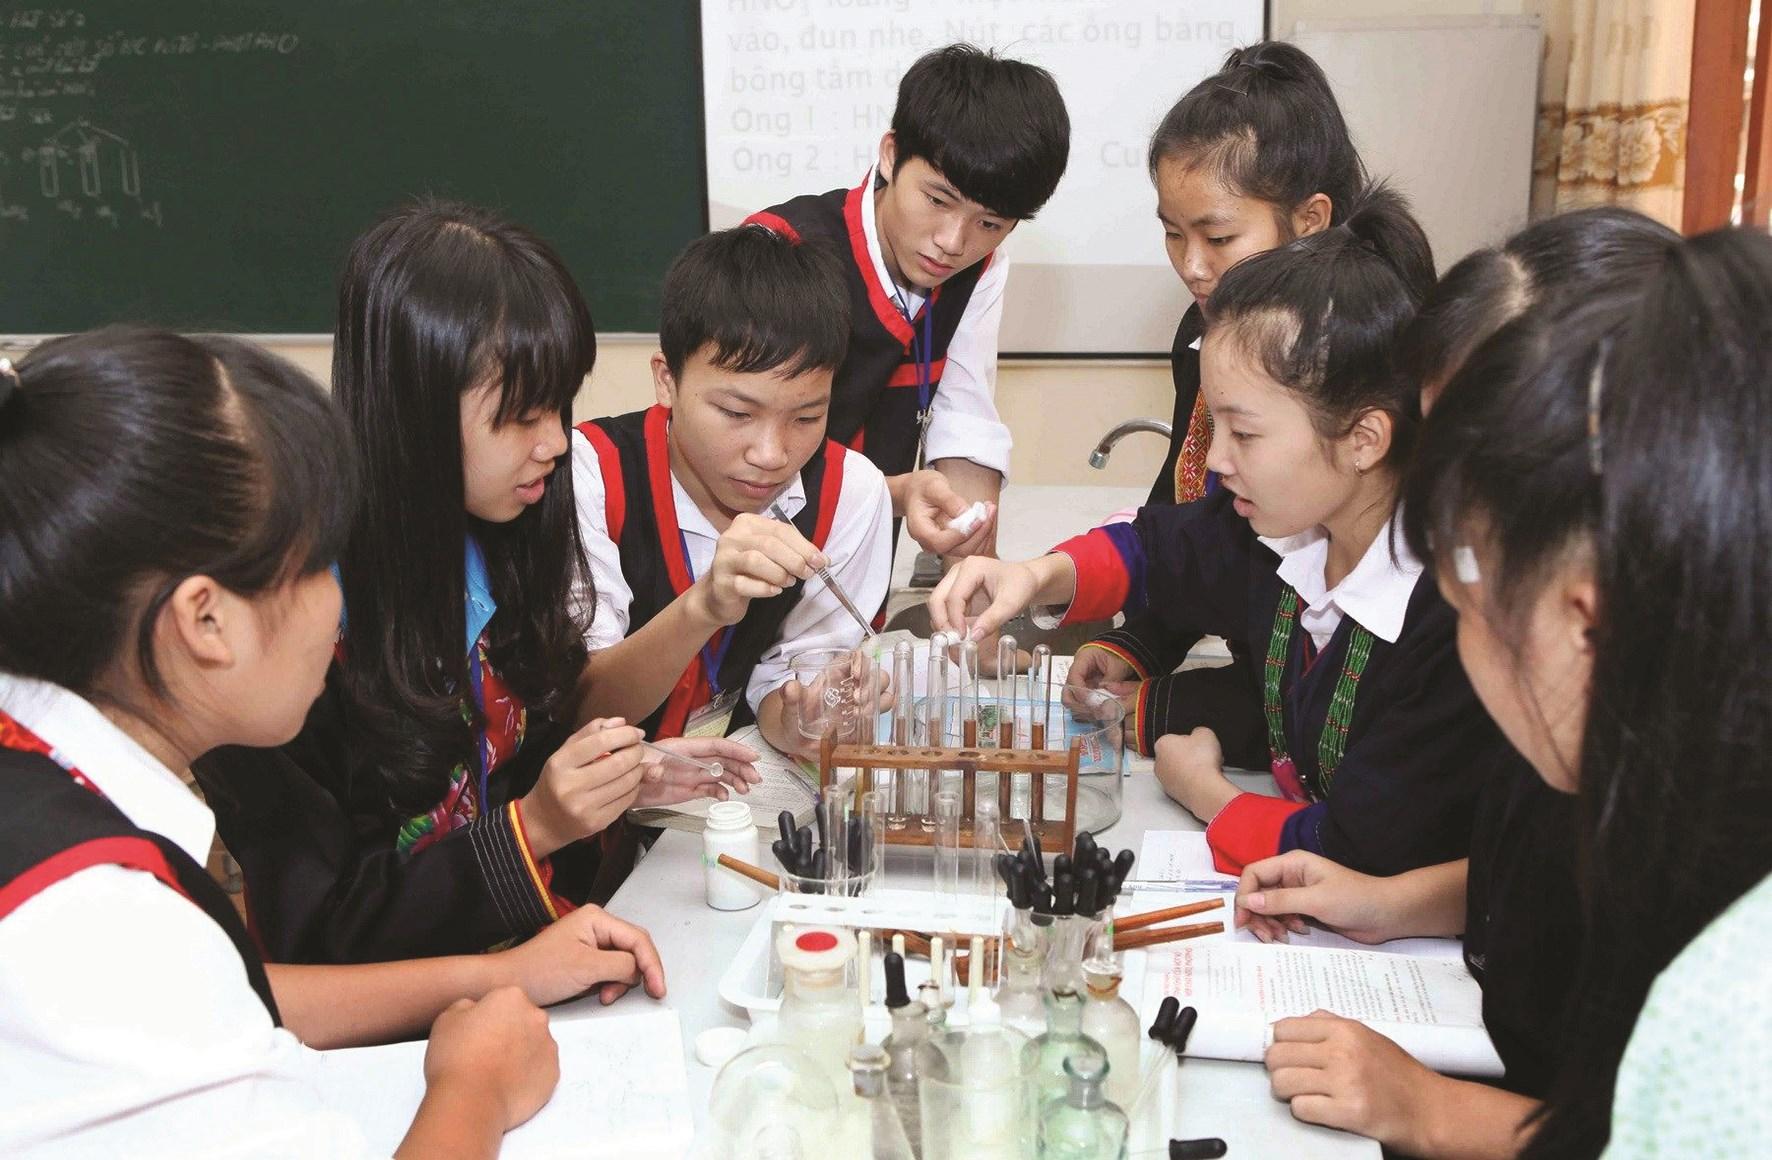 Học sinh Trường Tiểu học xã Hải Yến, huyện Cao Lộc, tỉnh Lạng Sơn (trường đạt chuẩn quốc gia) trong giờ thực hành